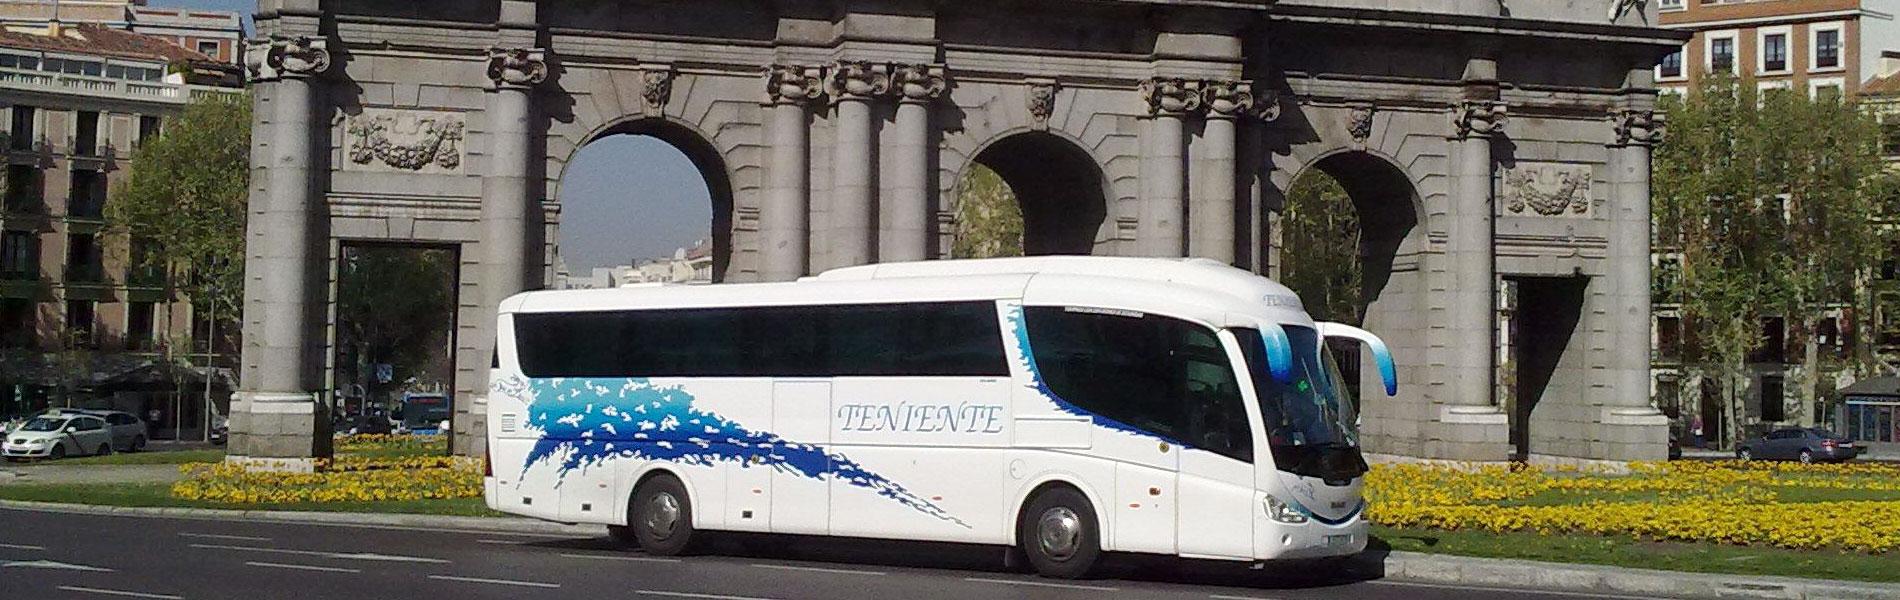 Autobus-Madrid-1900x600